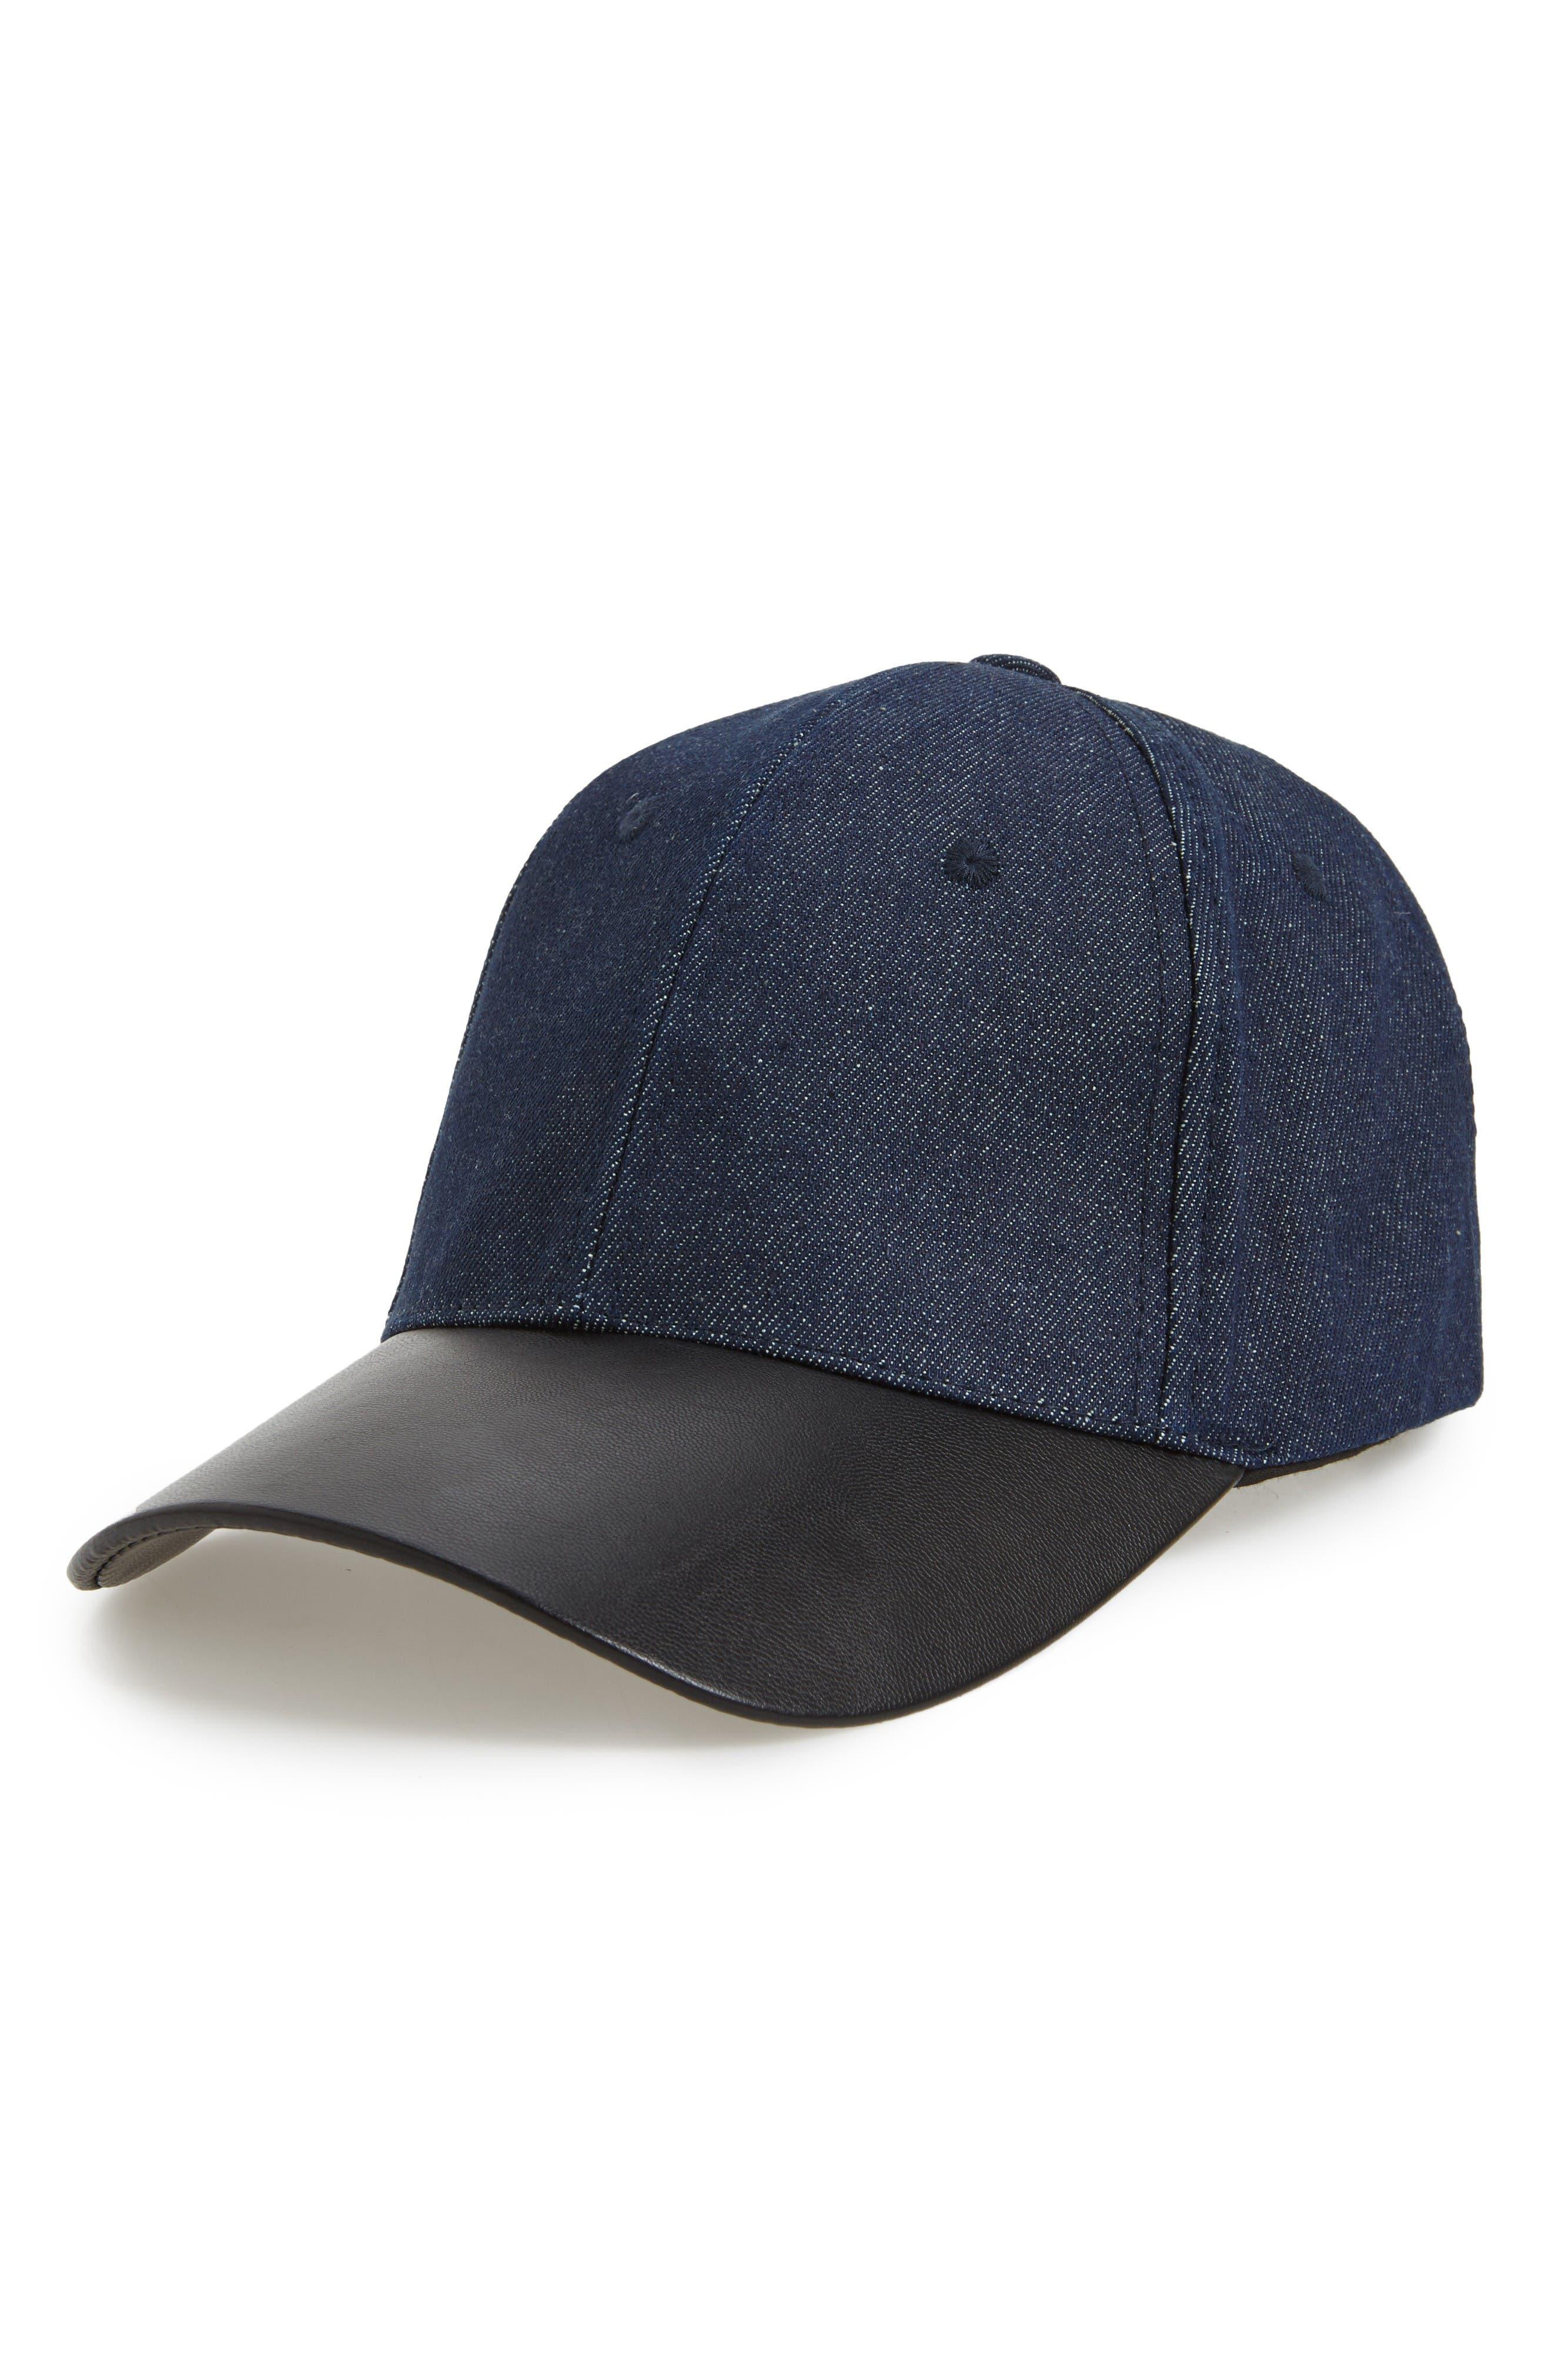 Main Image - Phase 3 Denim Baseball Cap